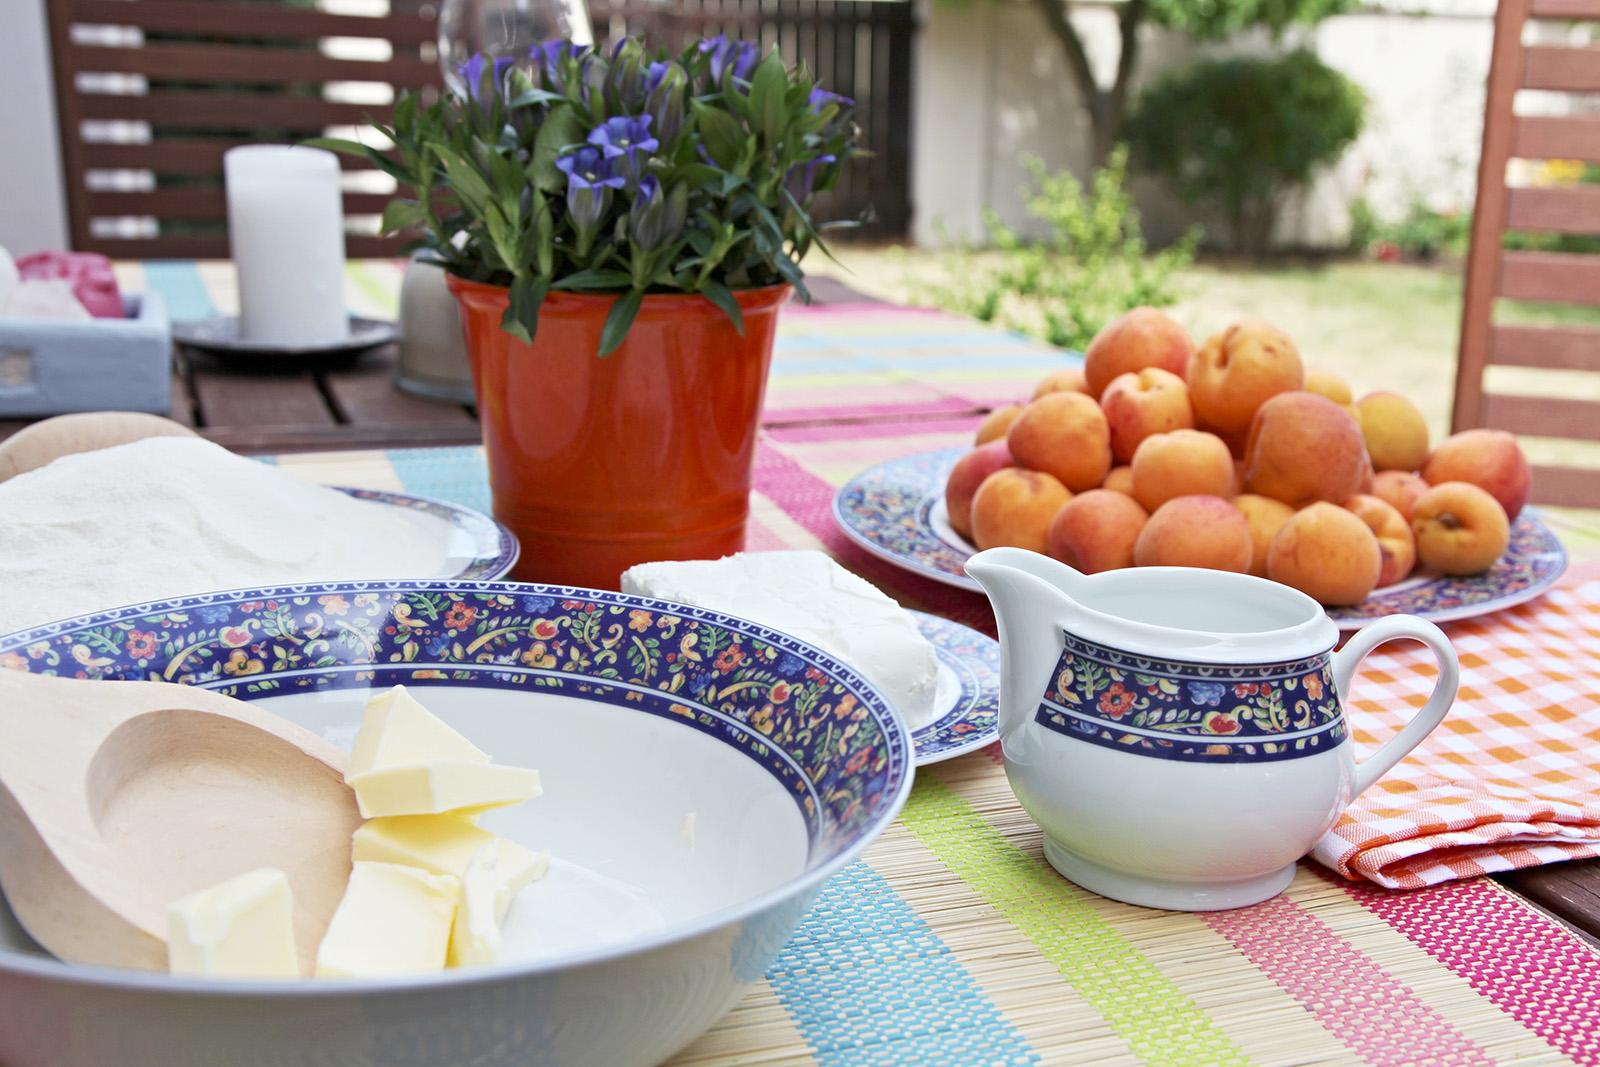 Meruňkové knedlíky sypeme strouhaným tvarohem cukrem a rozpuštěným máslem